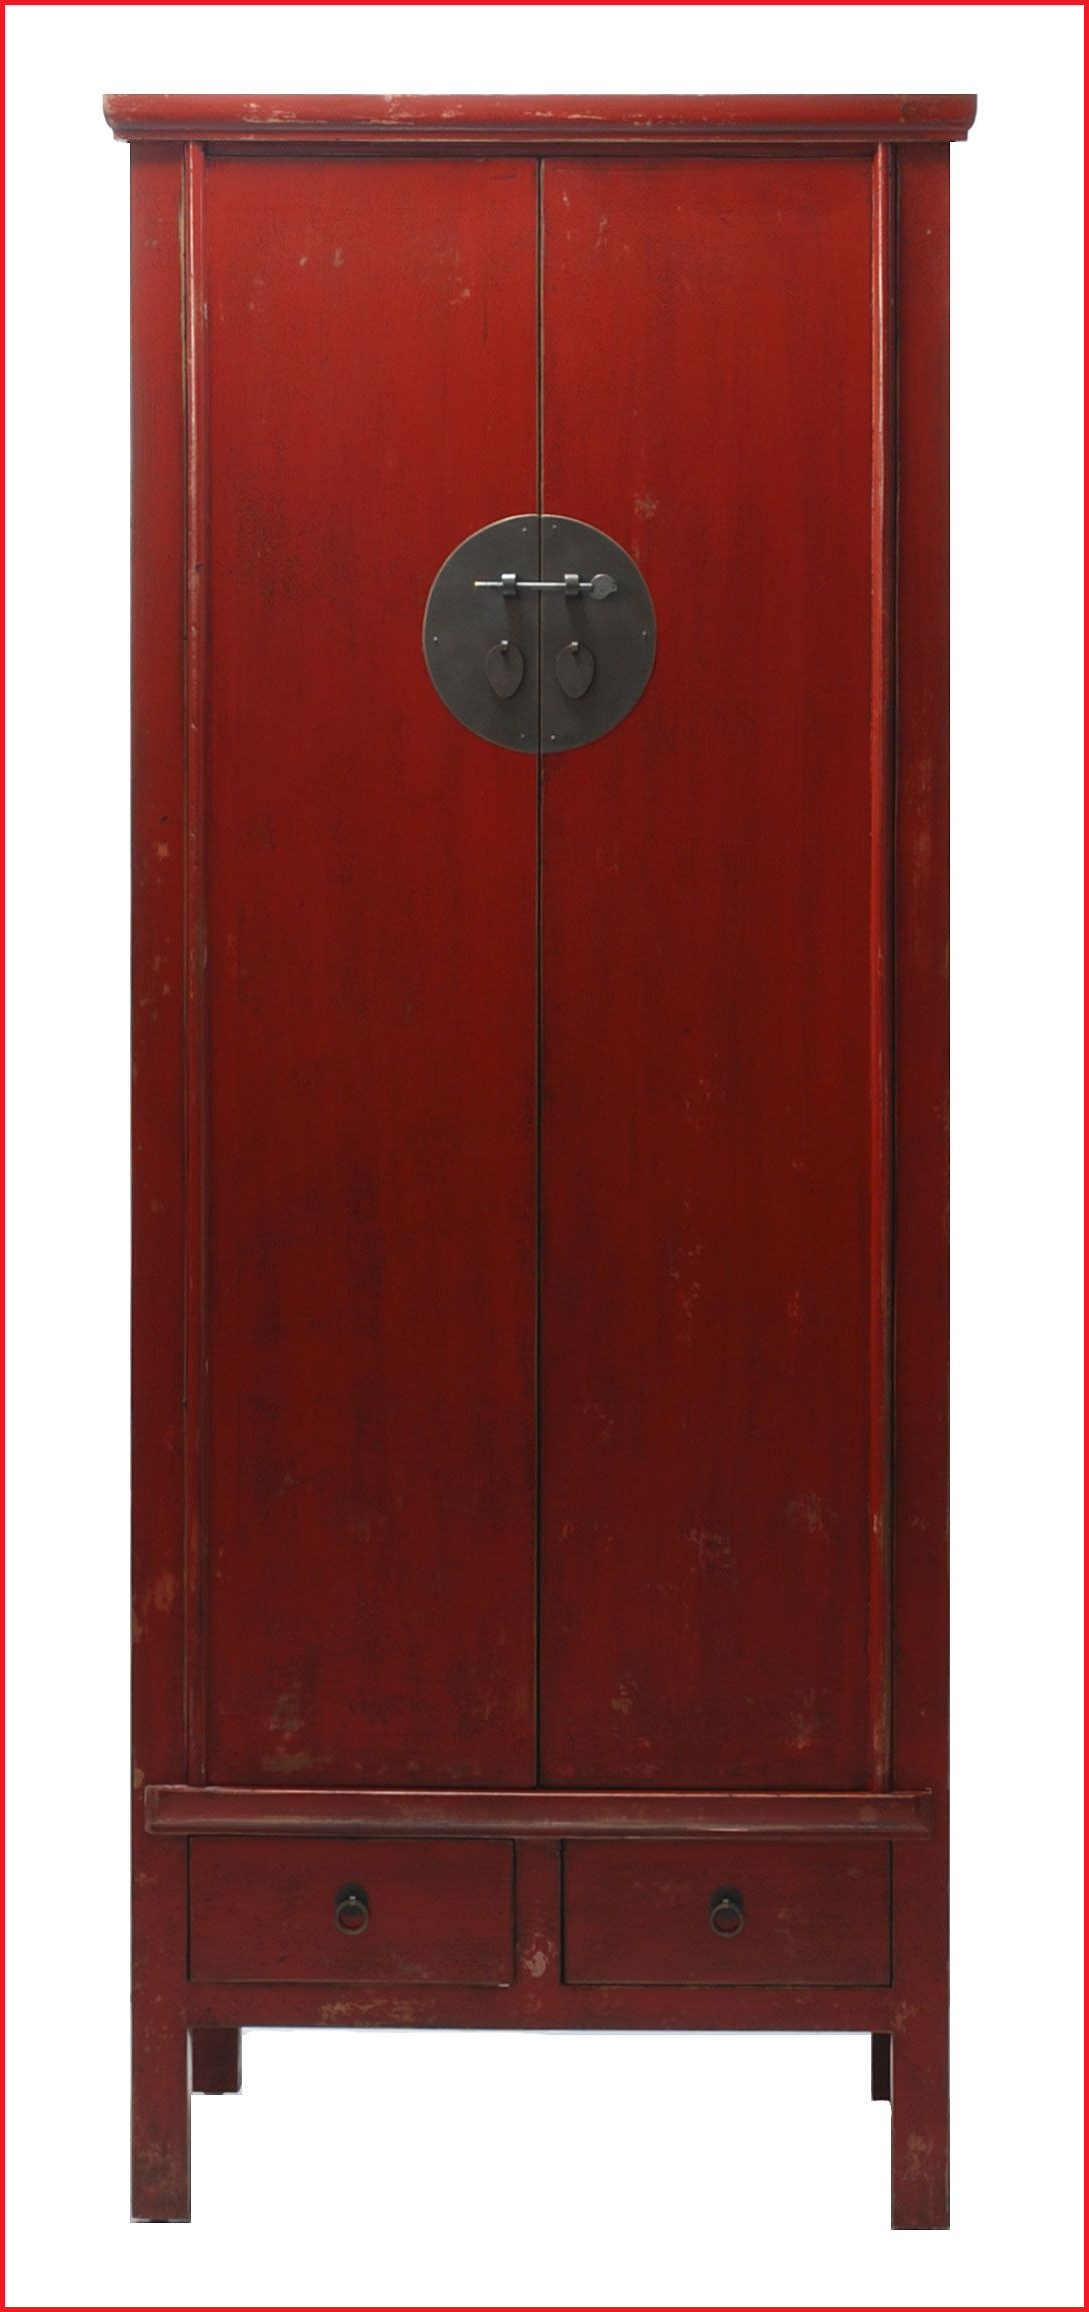 Muebles orientales Online S1du Muebles orientales Online Armario De Boda Rojo Si Alguien Se